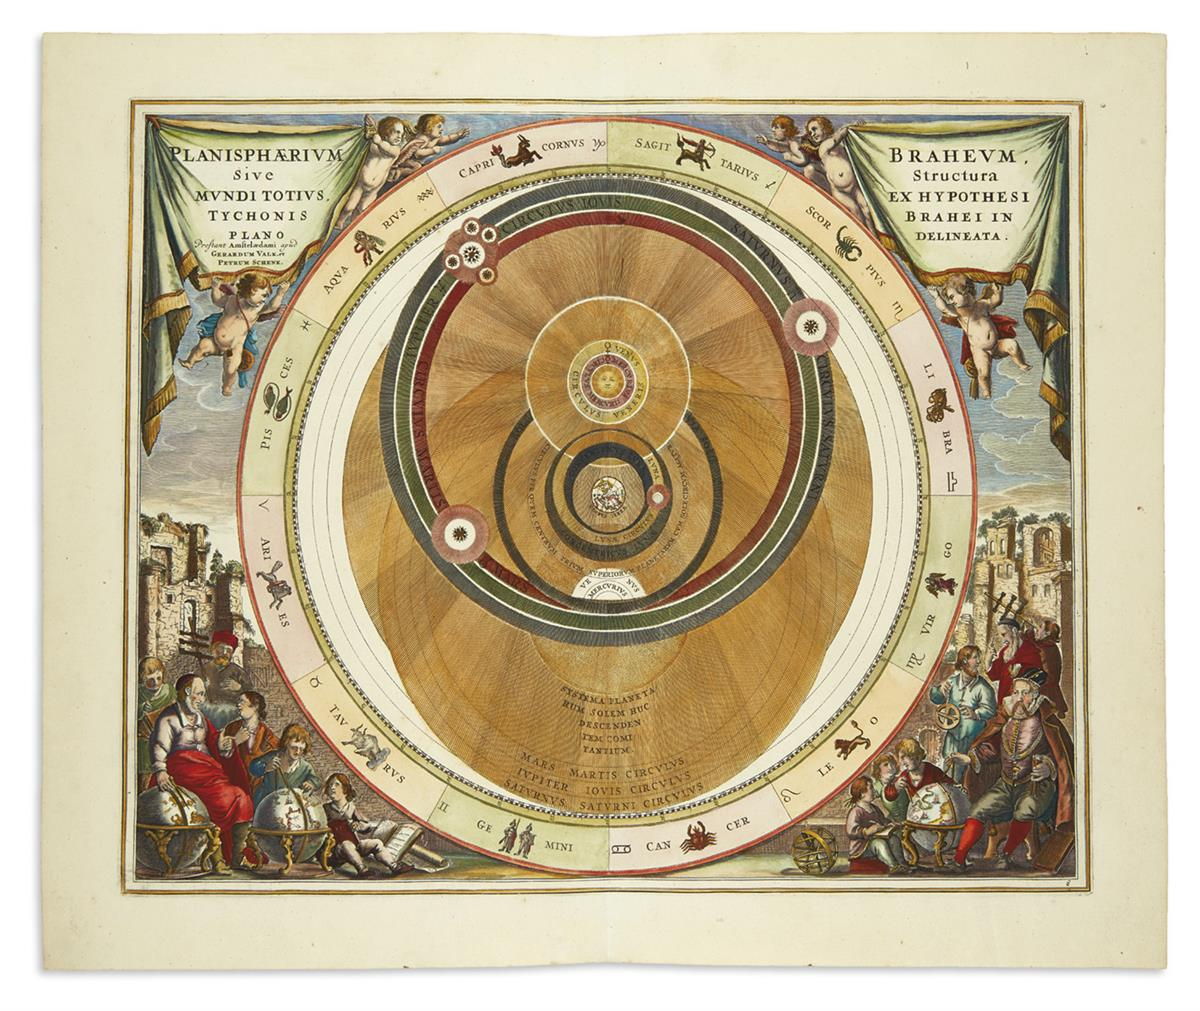 (CELESTIAL)-Cellarius-Andreas-Planisphaerium-Braheum-Sive-St